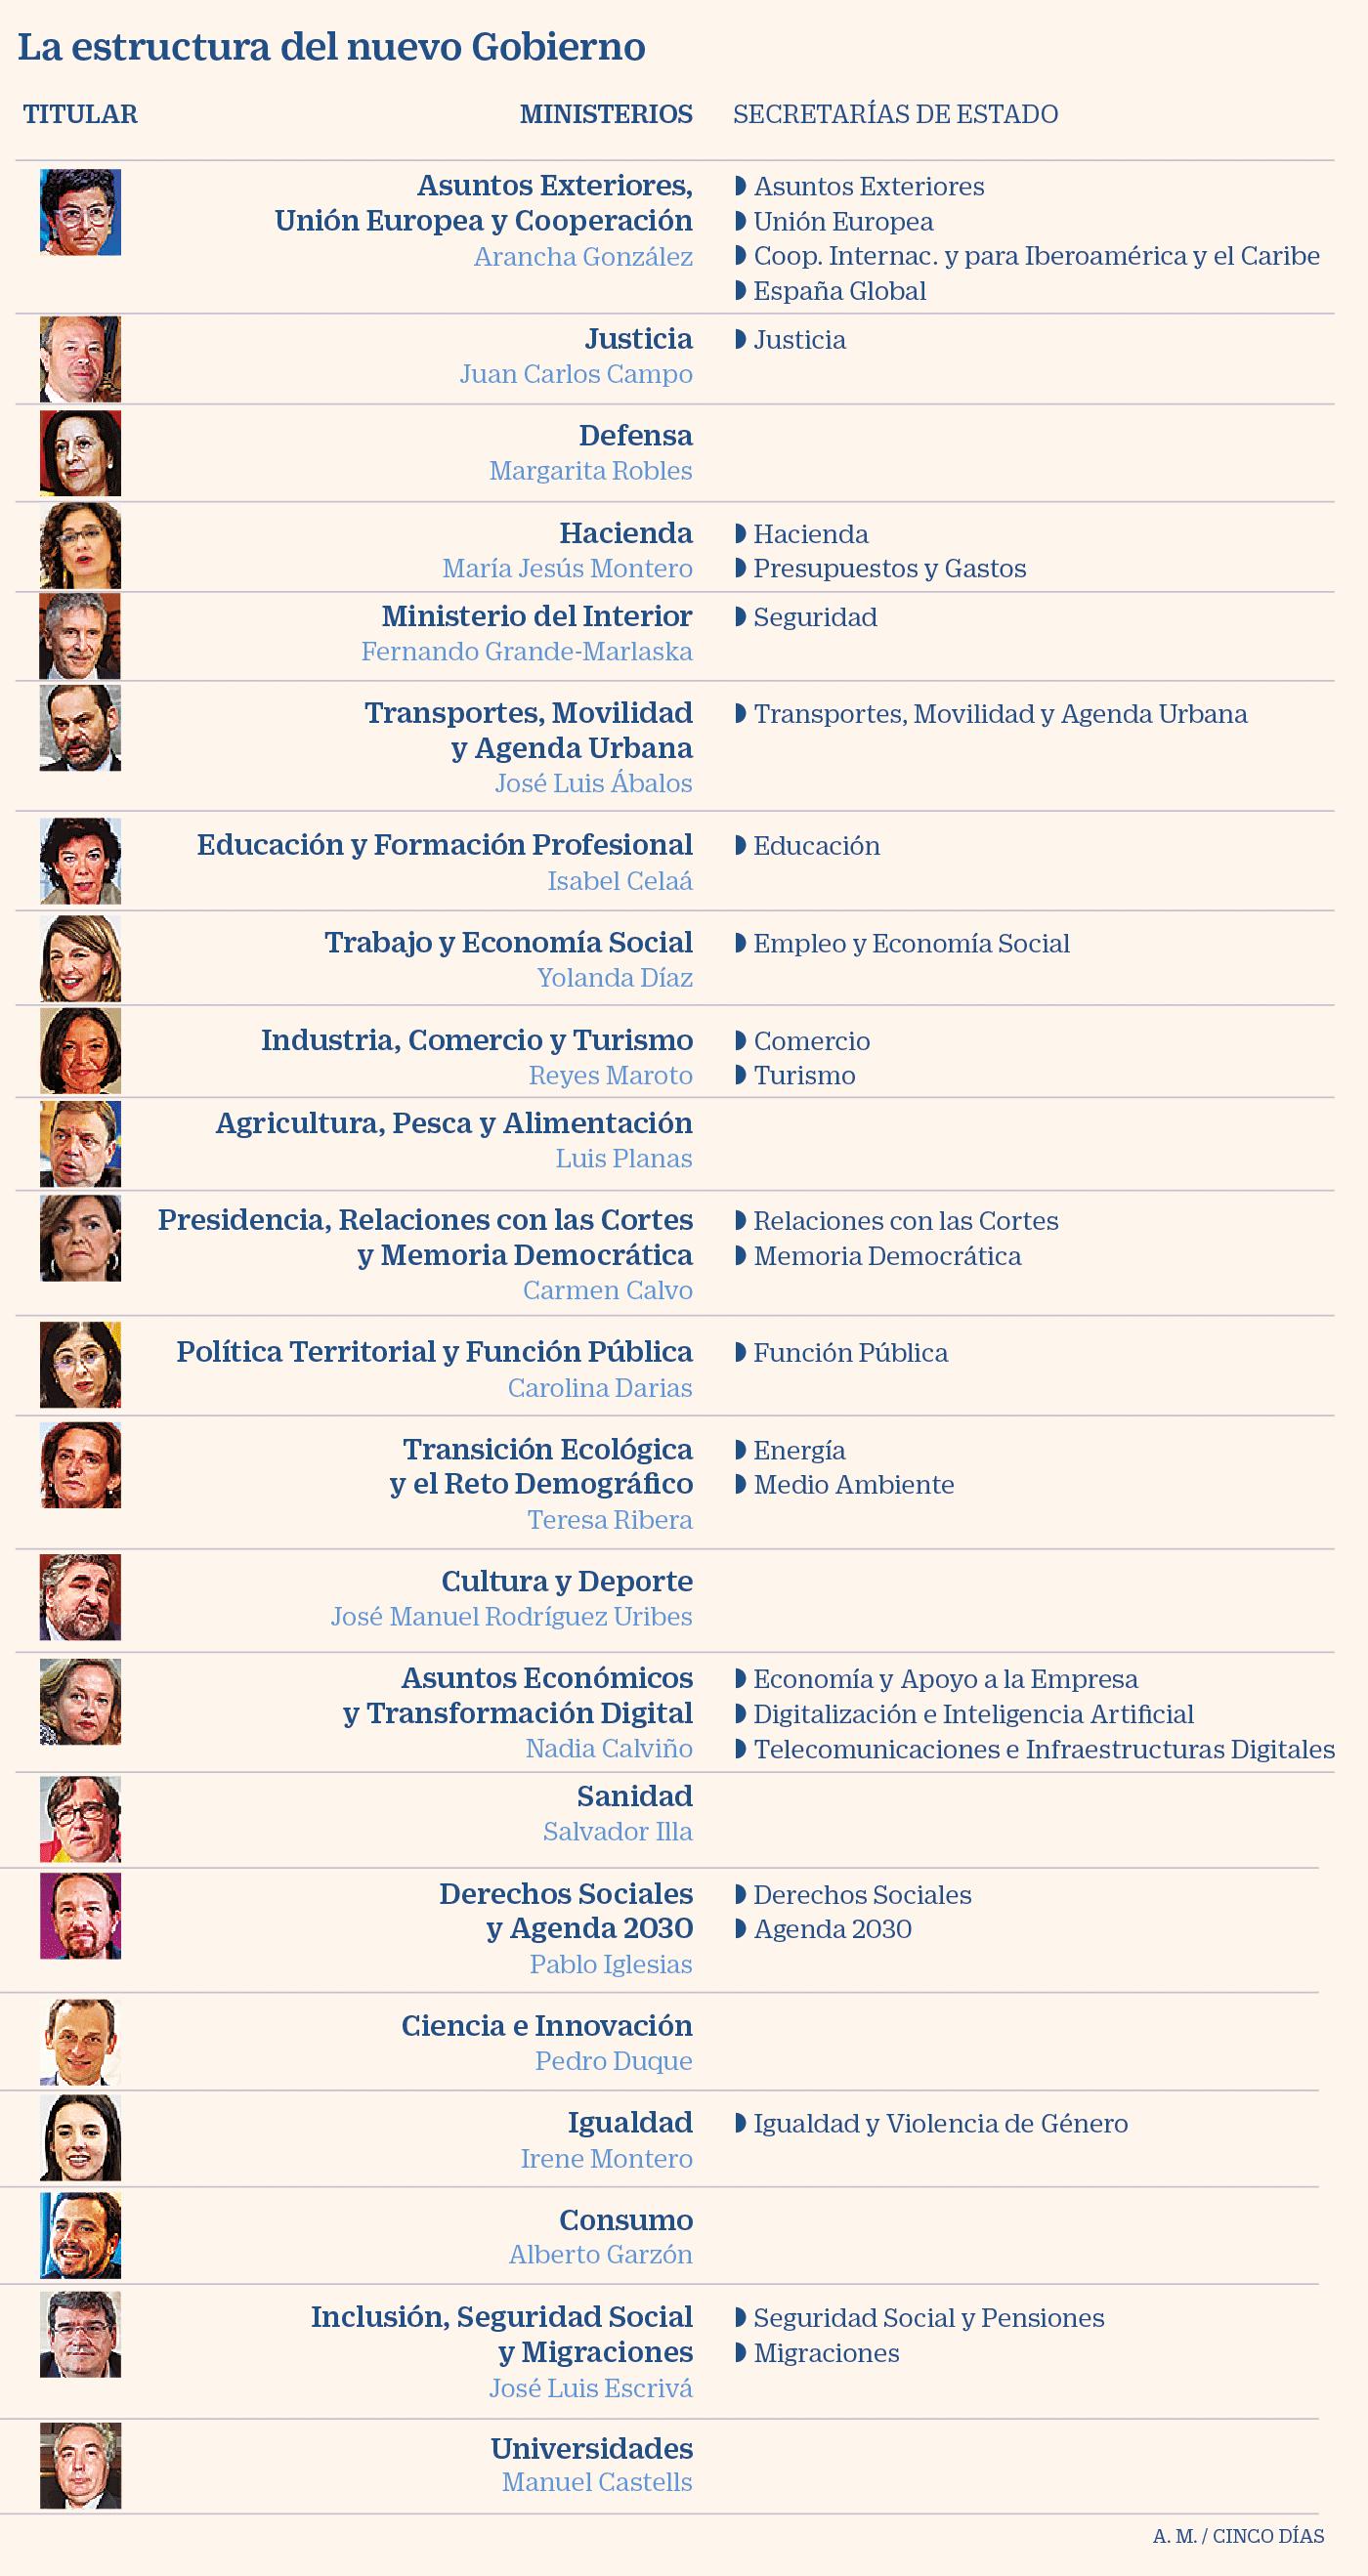 Boe Así Es La Estructura Del Nuevo Gobierno Y De Las